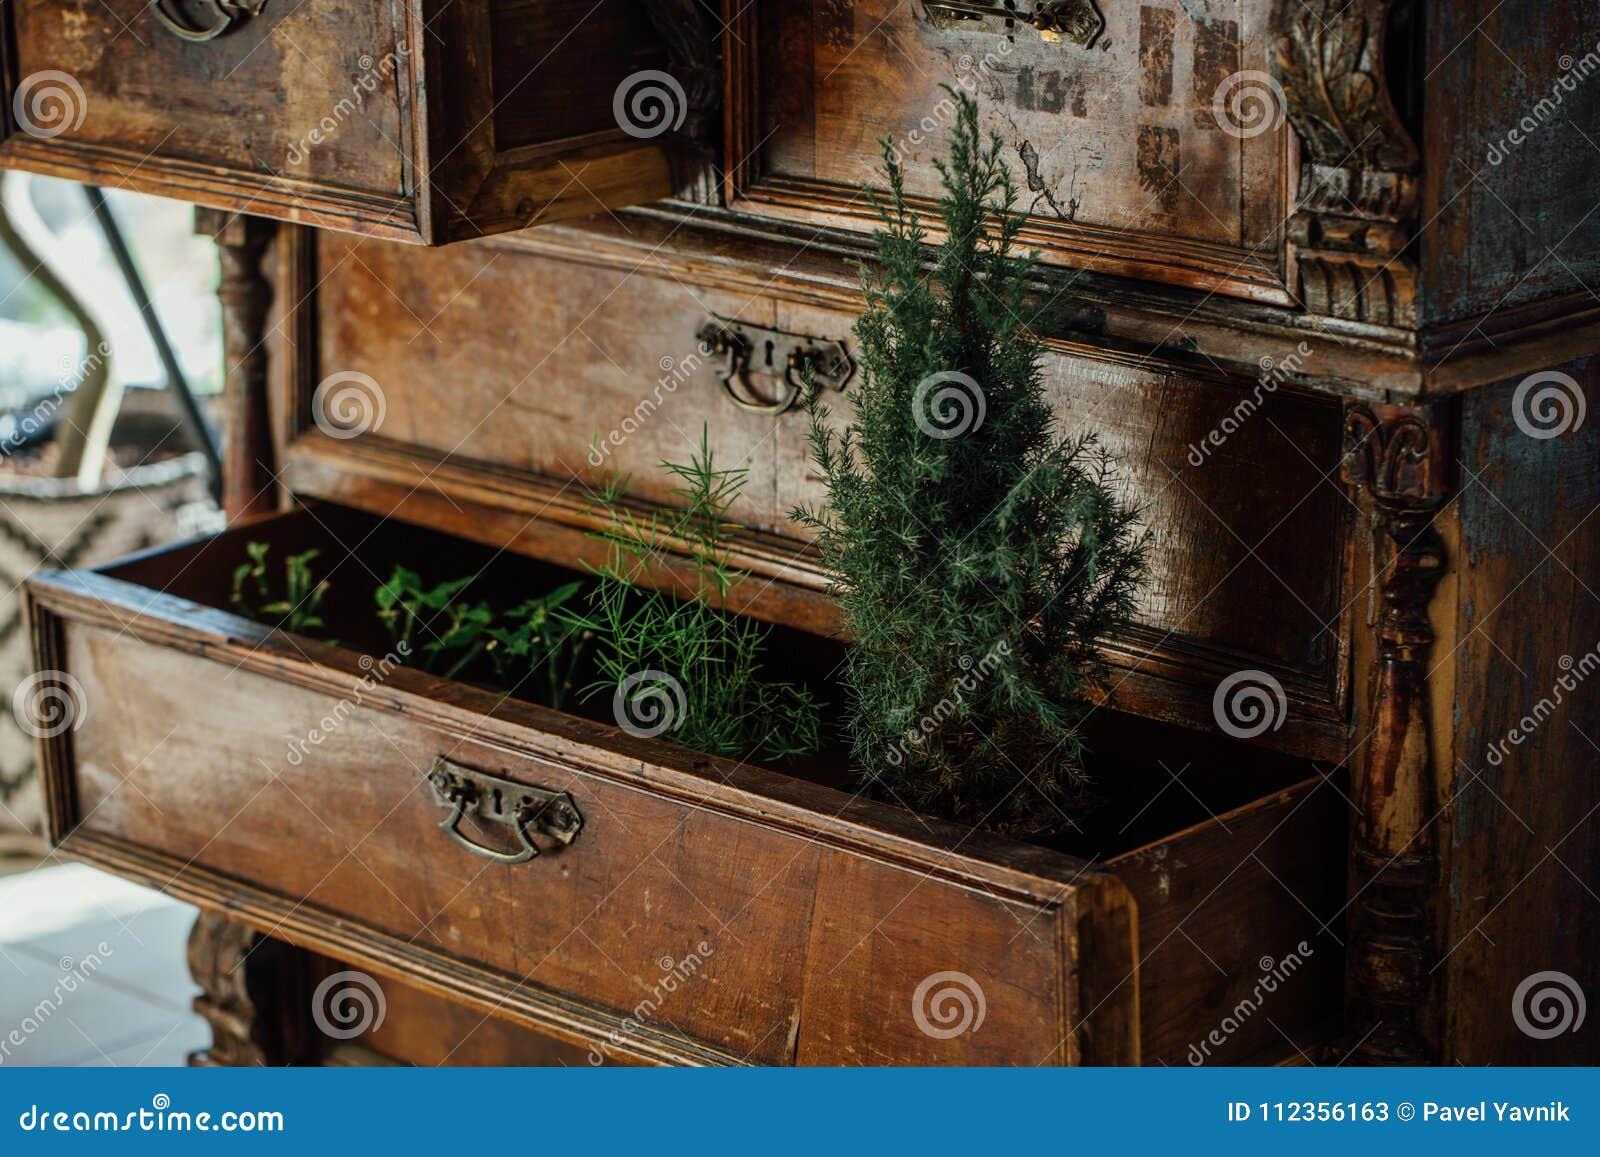 Bonito Pecho Medios Con Muebles De Cajones Inspiración - Muebles ...